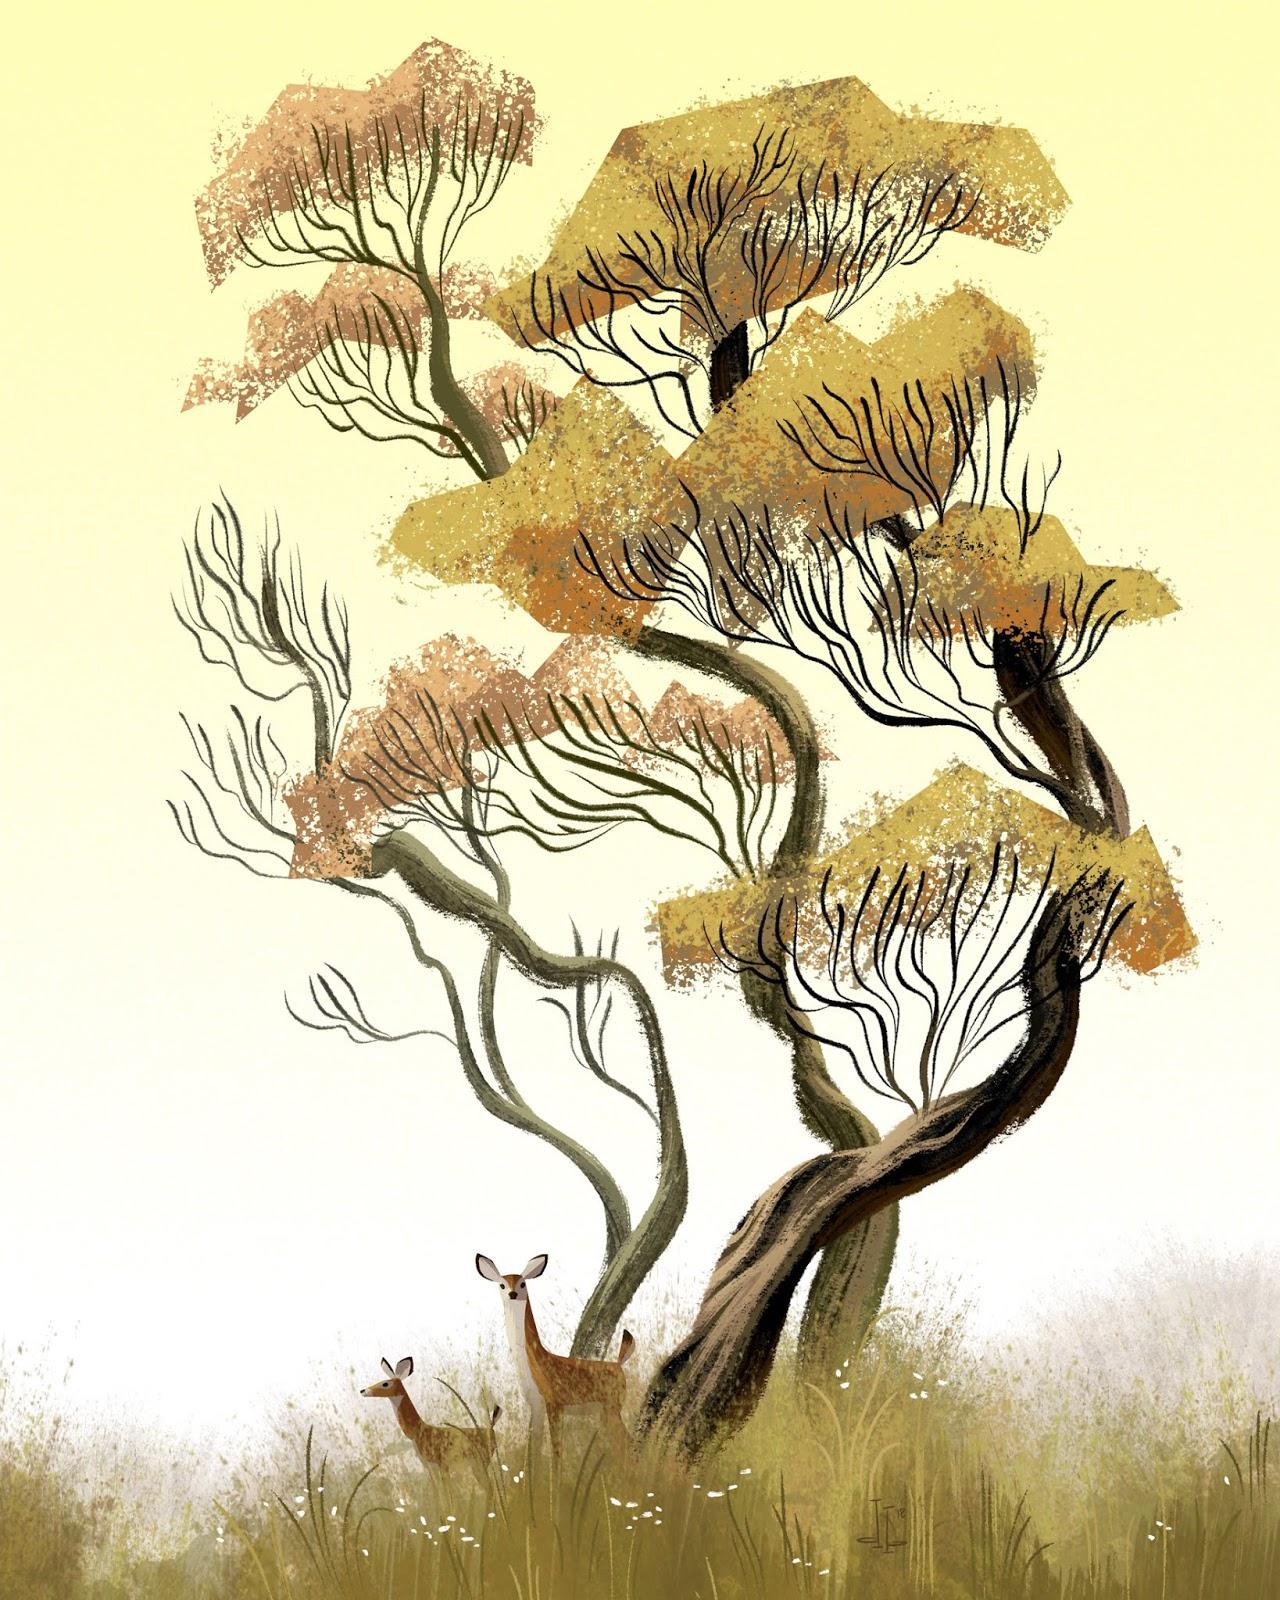 2db_Deer_Eucalyptus.jpg